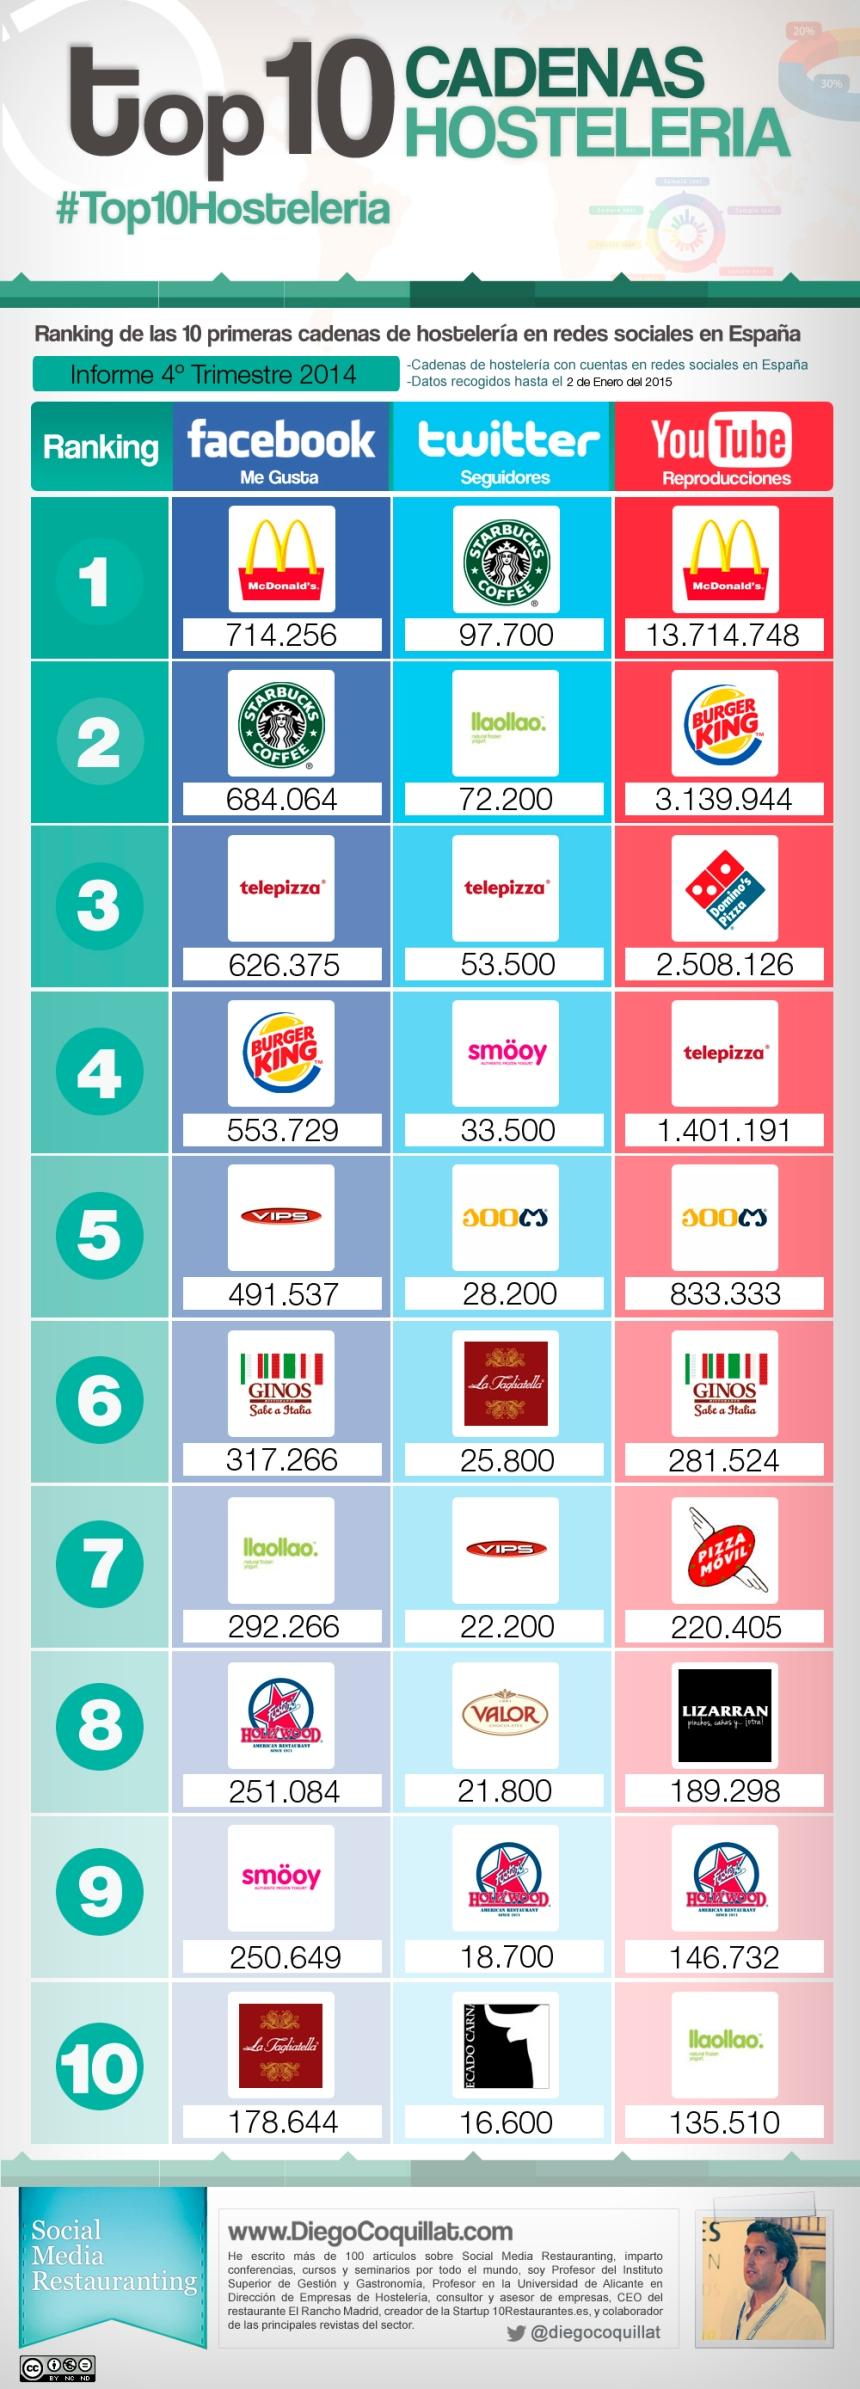 Top 10 cadenas hostelería en Redes Sociales (España 4T/2014)